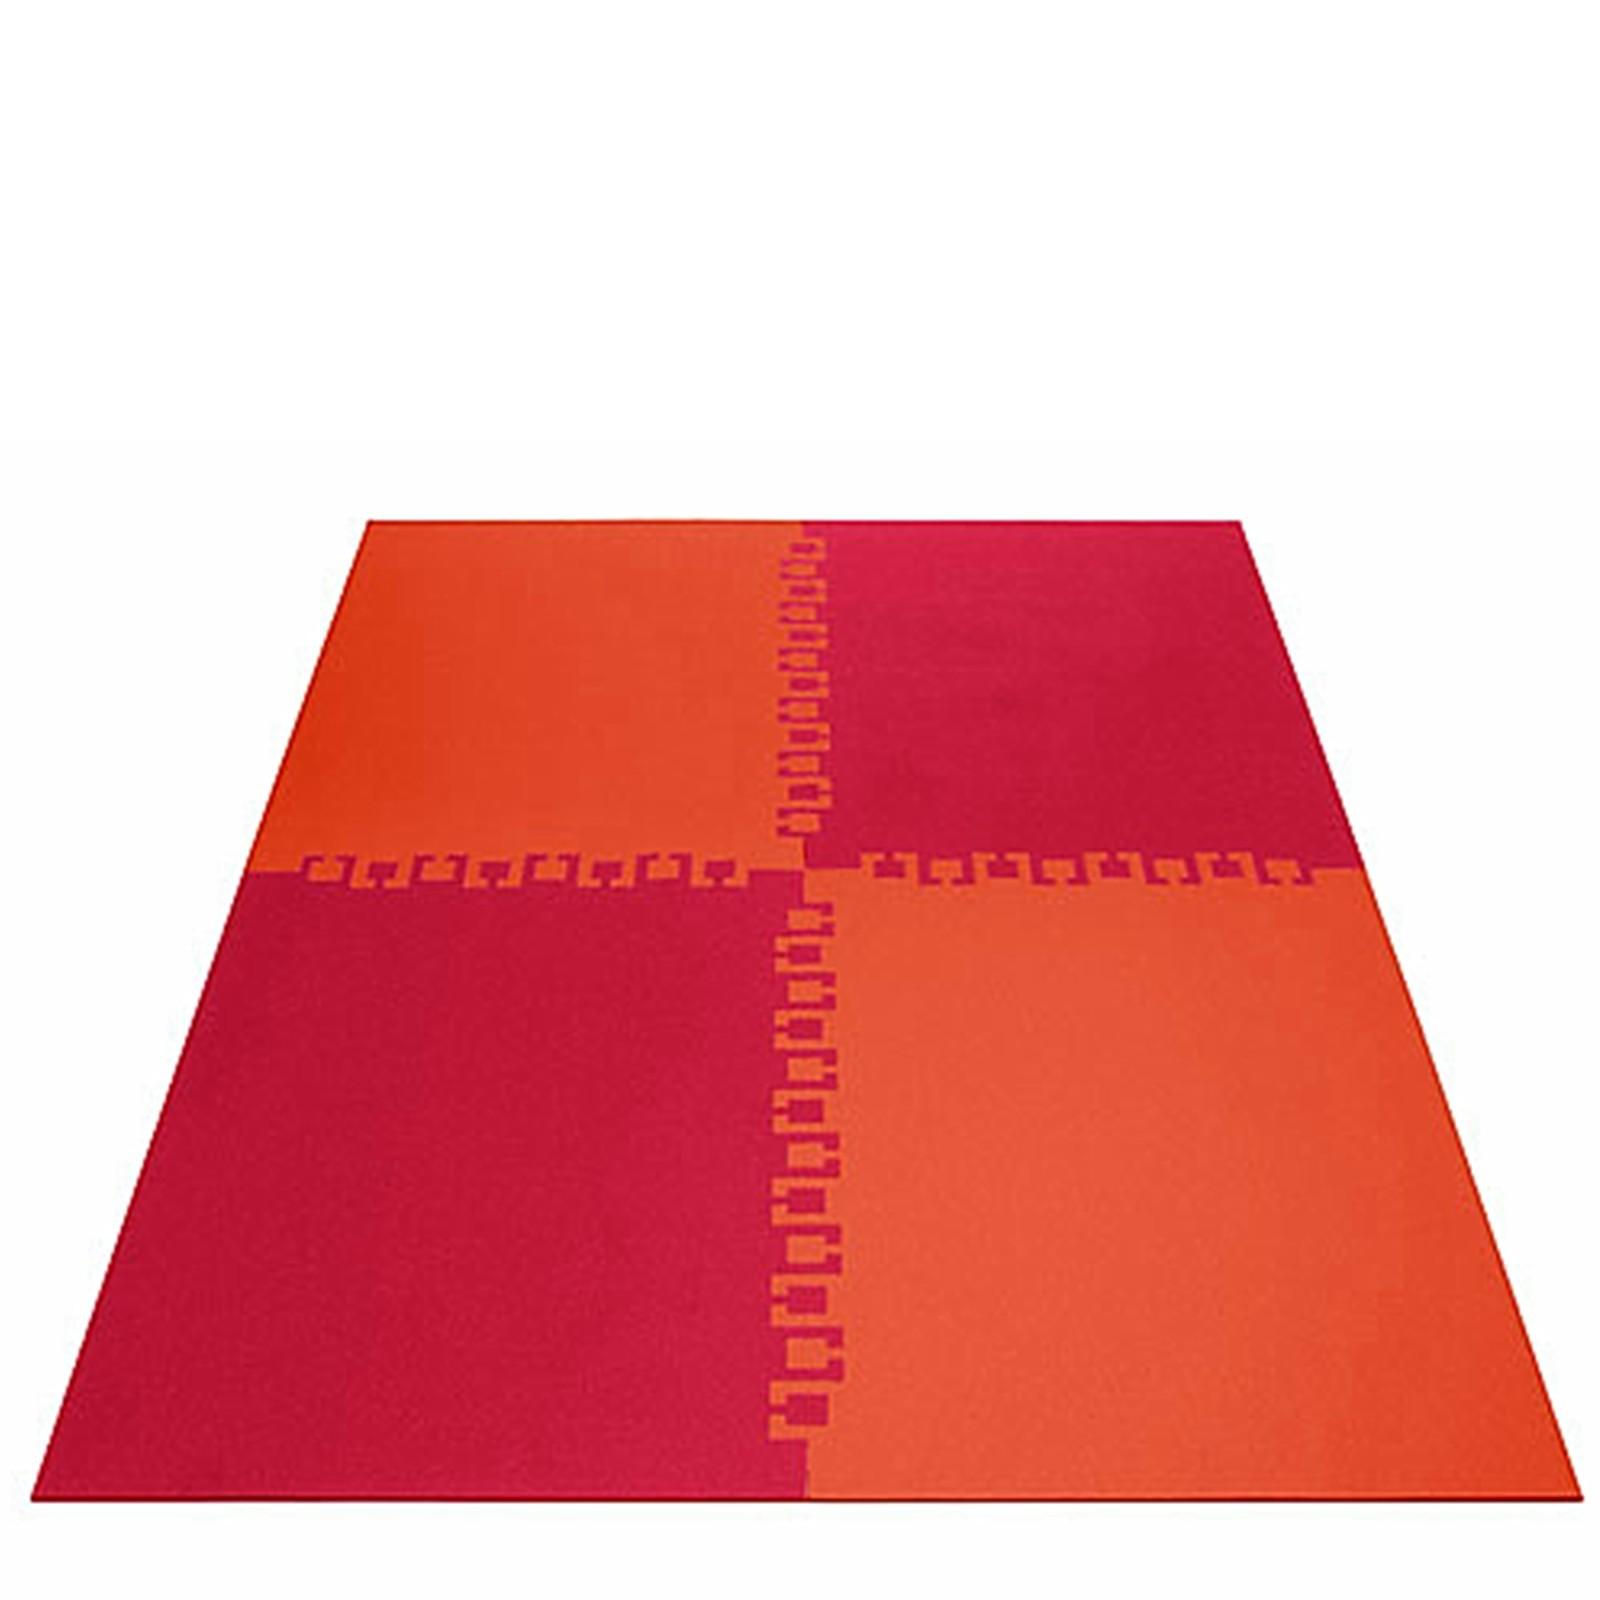 Teppichsystem Teppich rechteckig 4teilig viele Größen